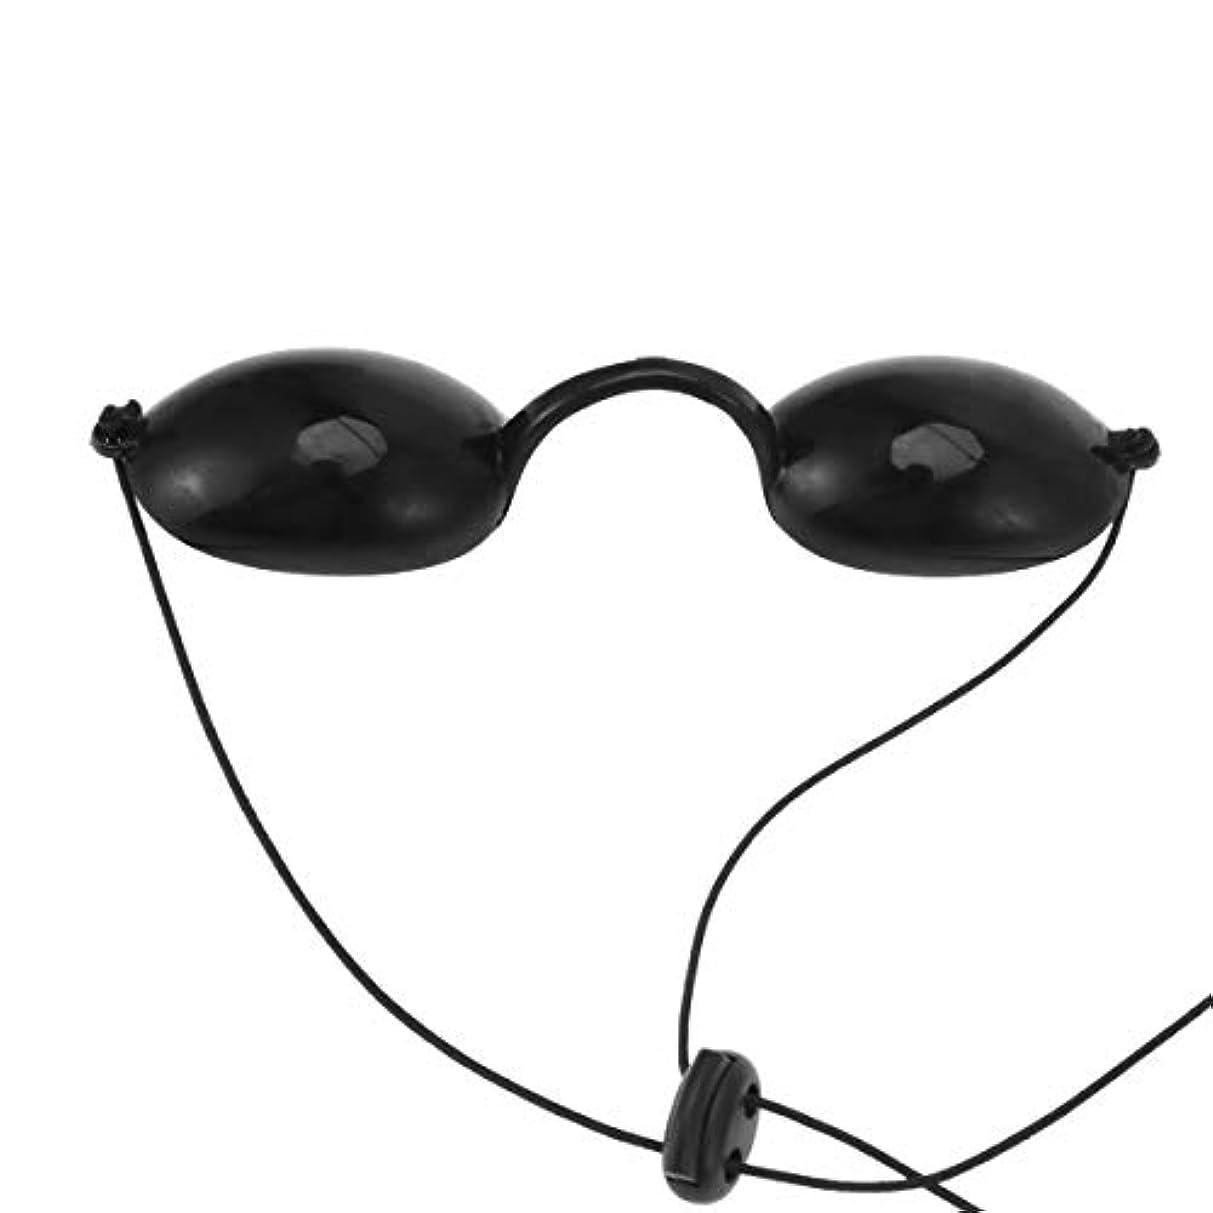 の精算先SUPVOX成人日焼けゴーグルUVプロテクションアイパッチライトセラピーメガネアイカラー(ブラック)